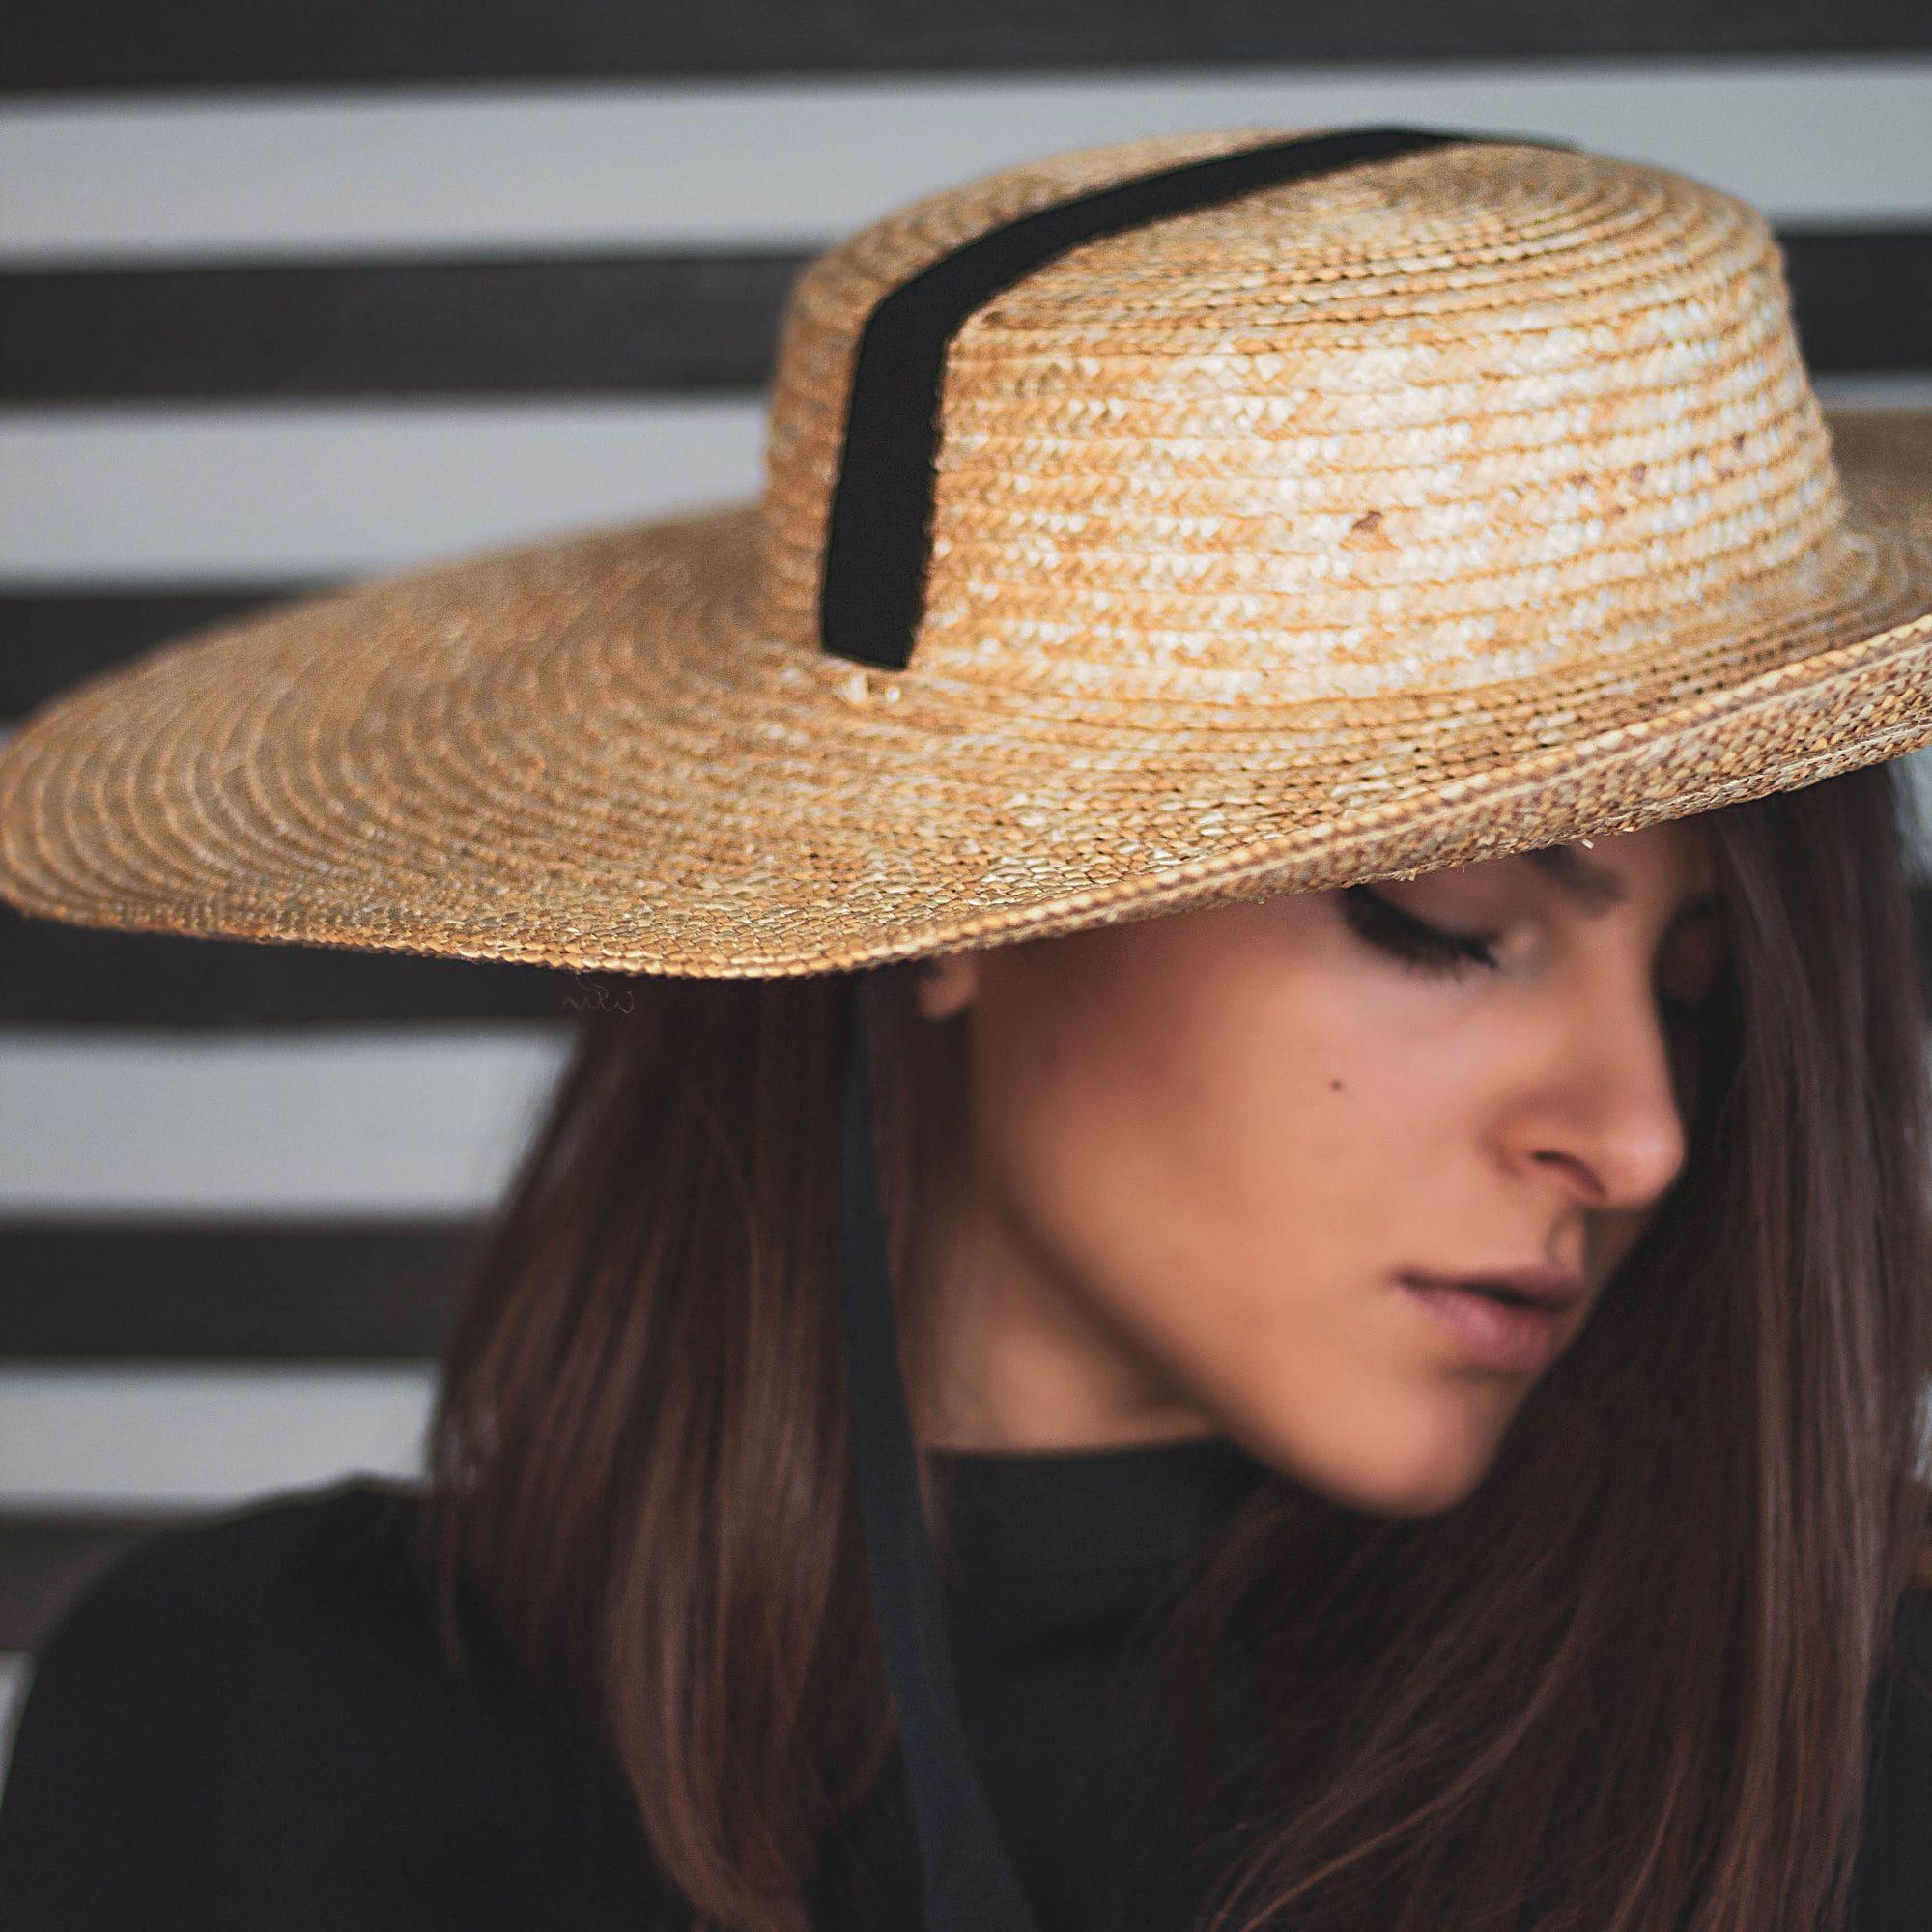 Літній капелюх солом'яний з широкими полями